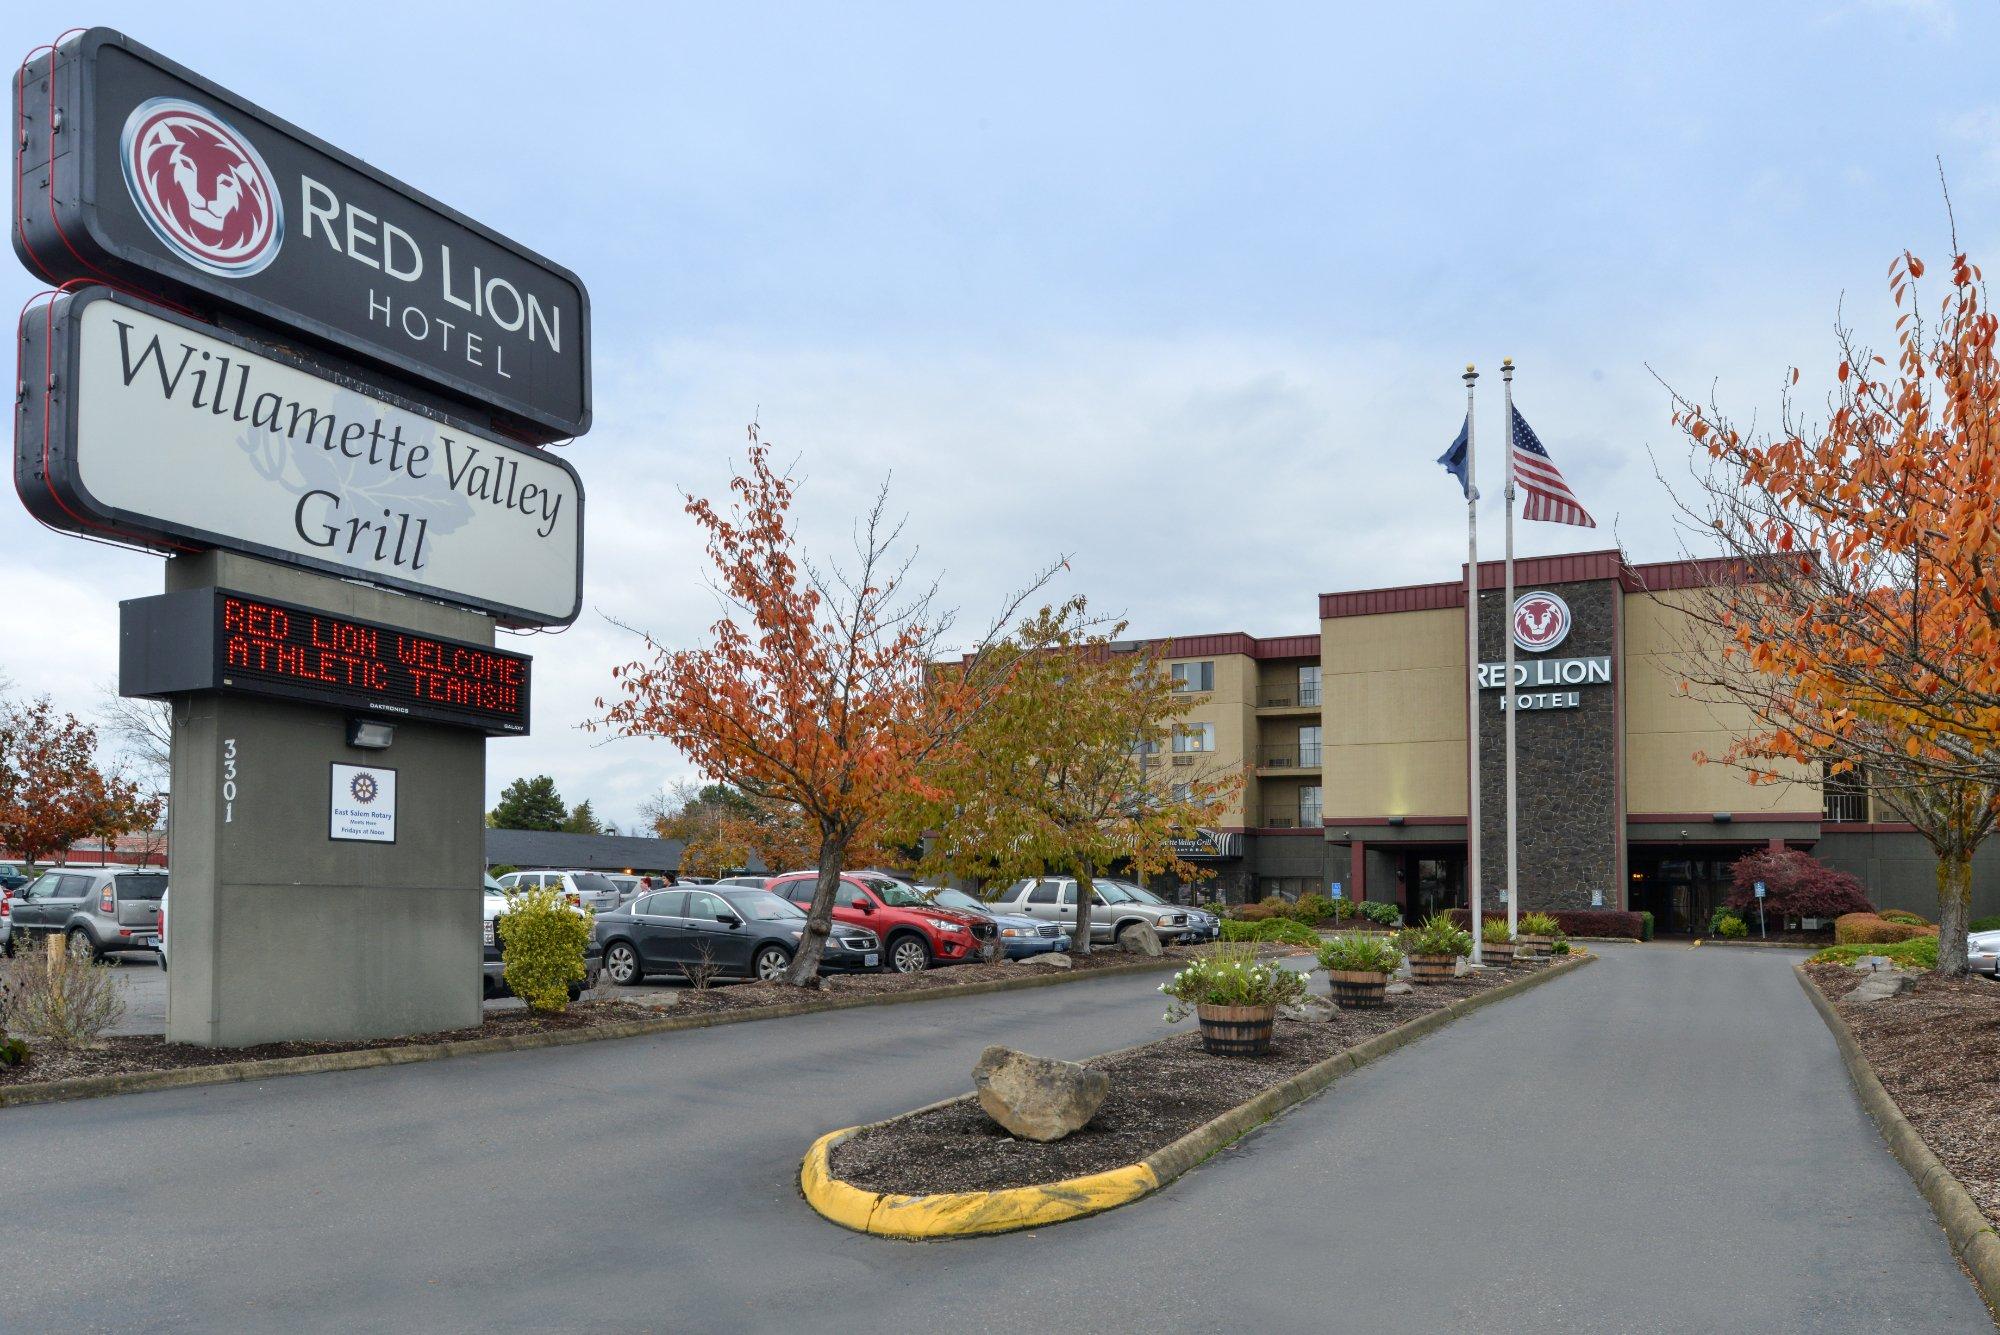 Red Lion Hotel Salem